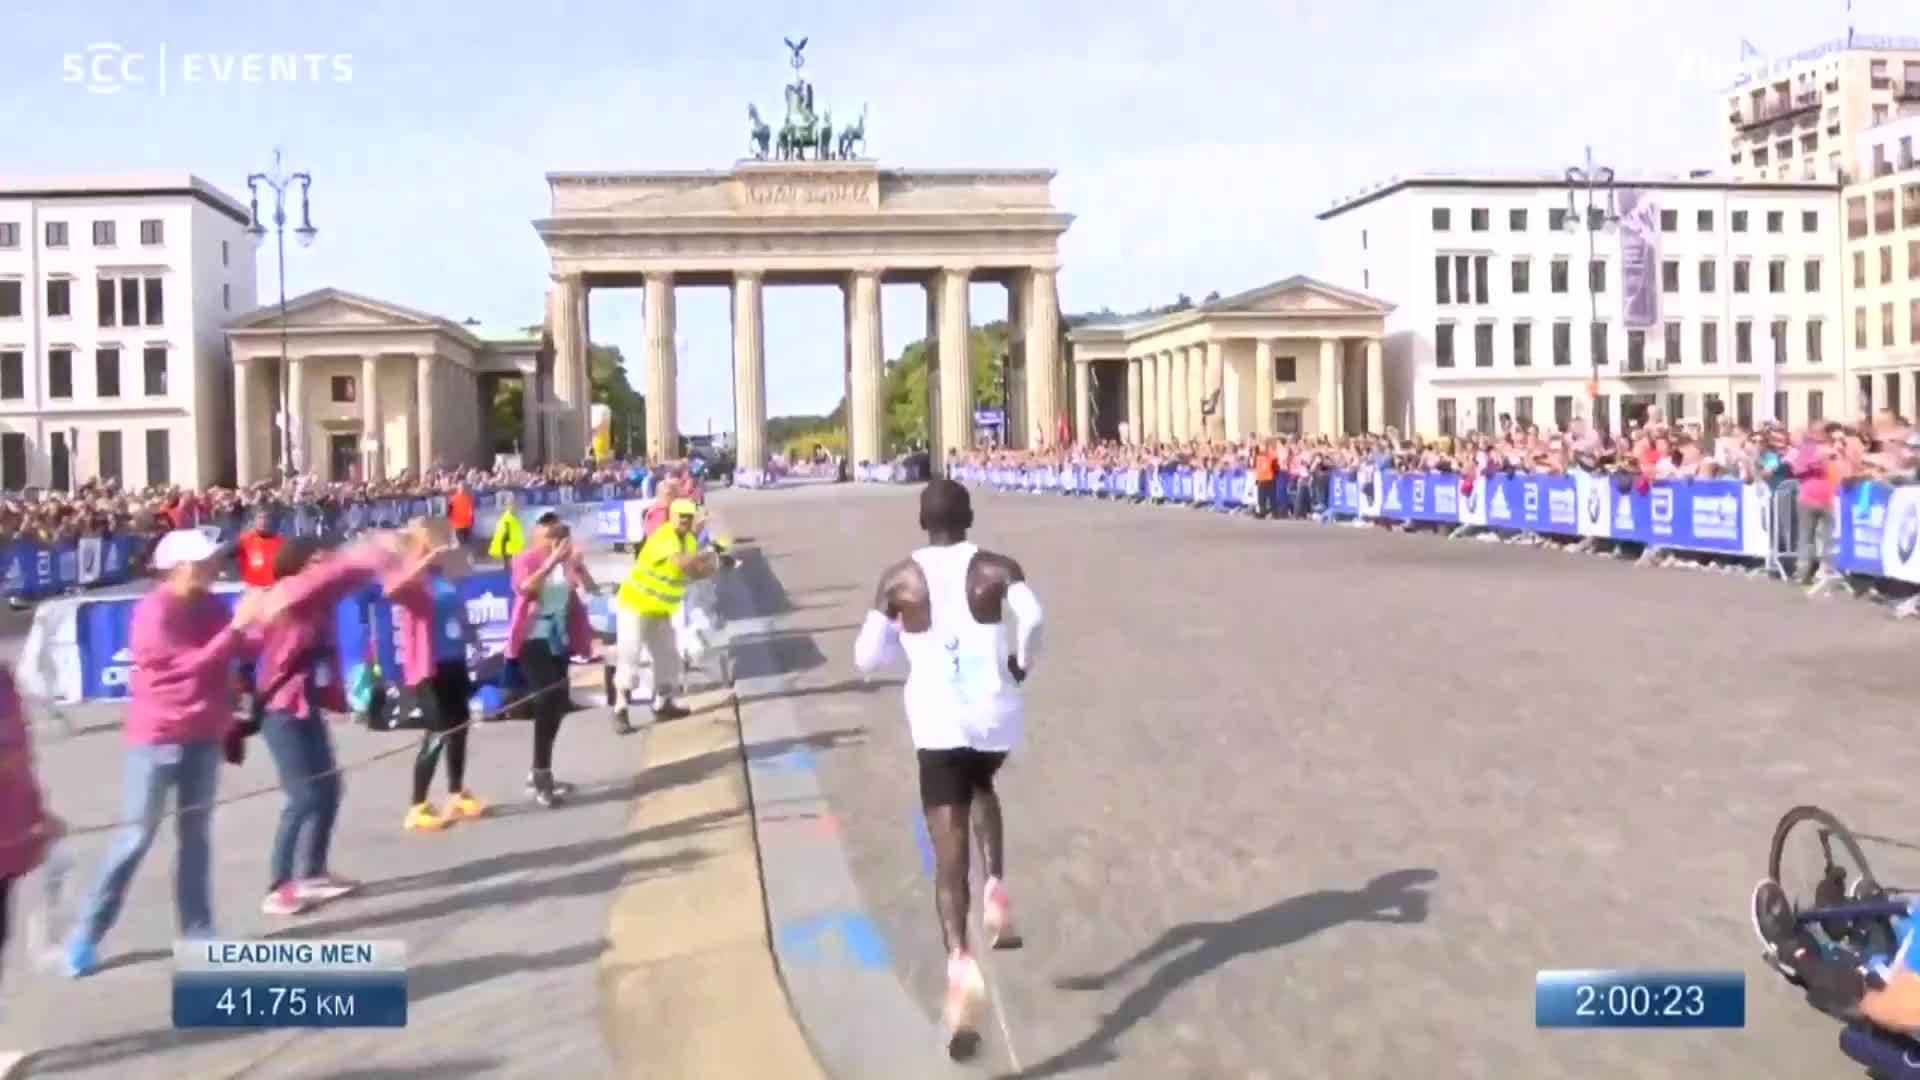 Kipchoge phá vỡ kỷ lục marathon thế giới ở Berlin